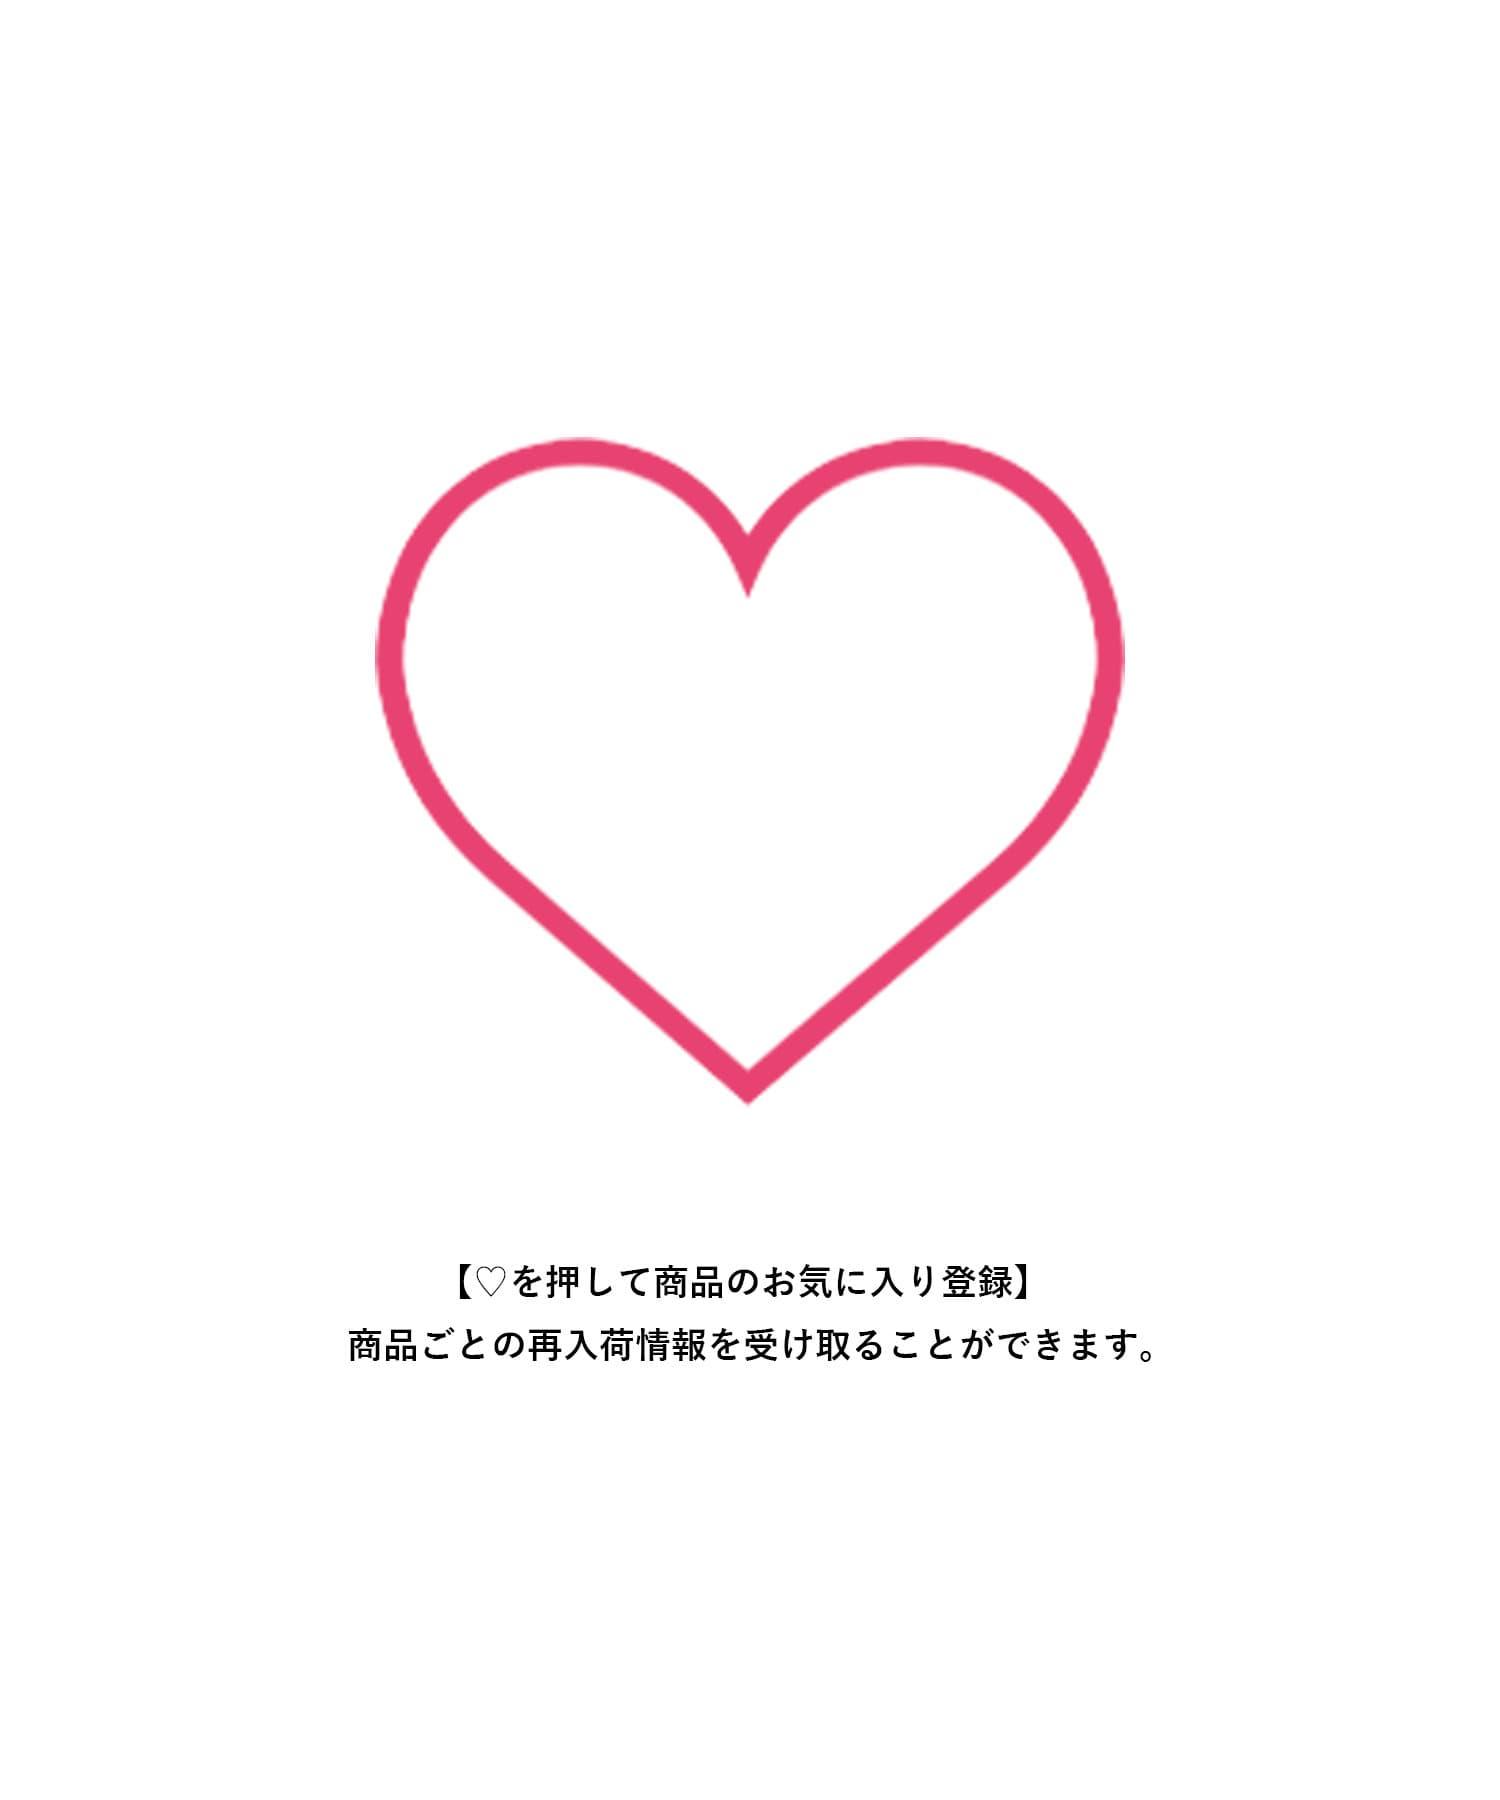 COLLAGE GALLARDAGALANTE(コラージュ ガリャルダガランテ) 【PAPILLONNER/パピヨネ】クラシックシルクスカーフ